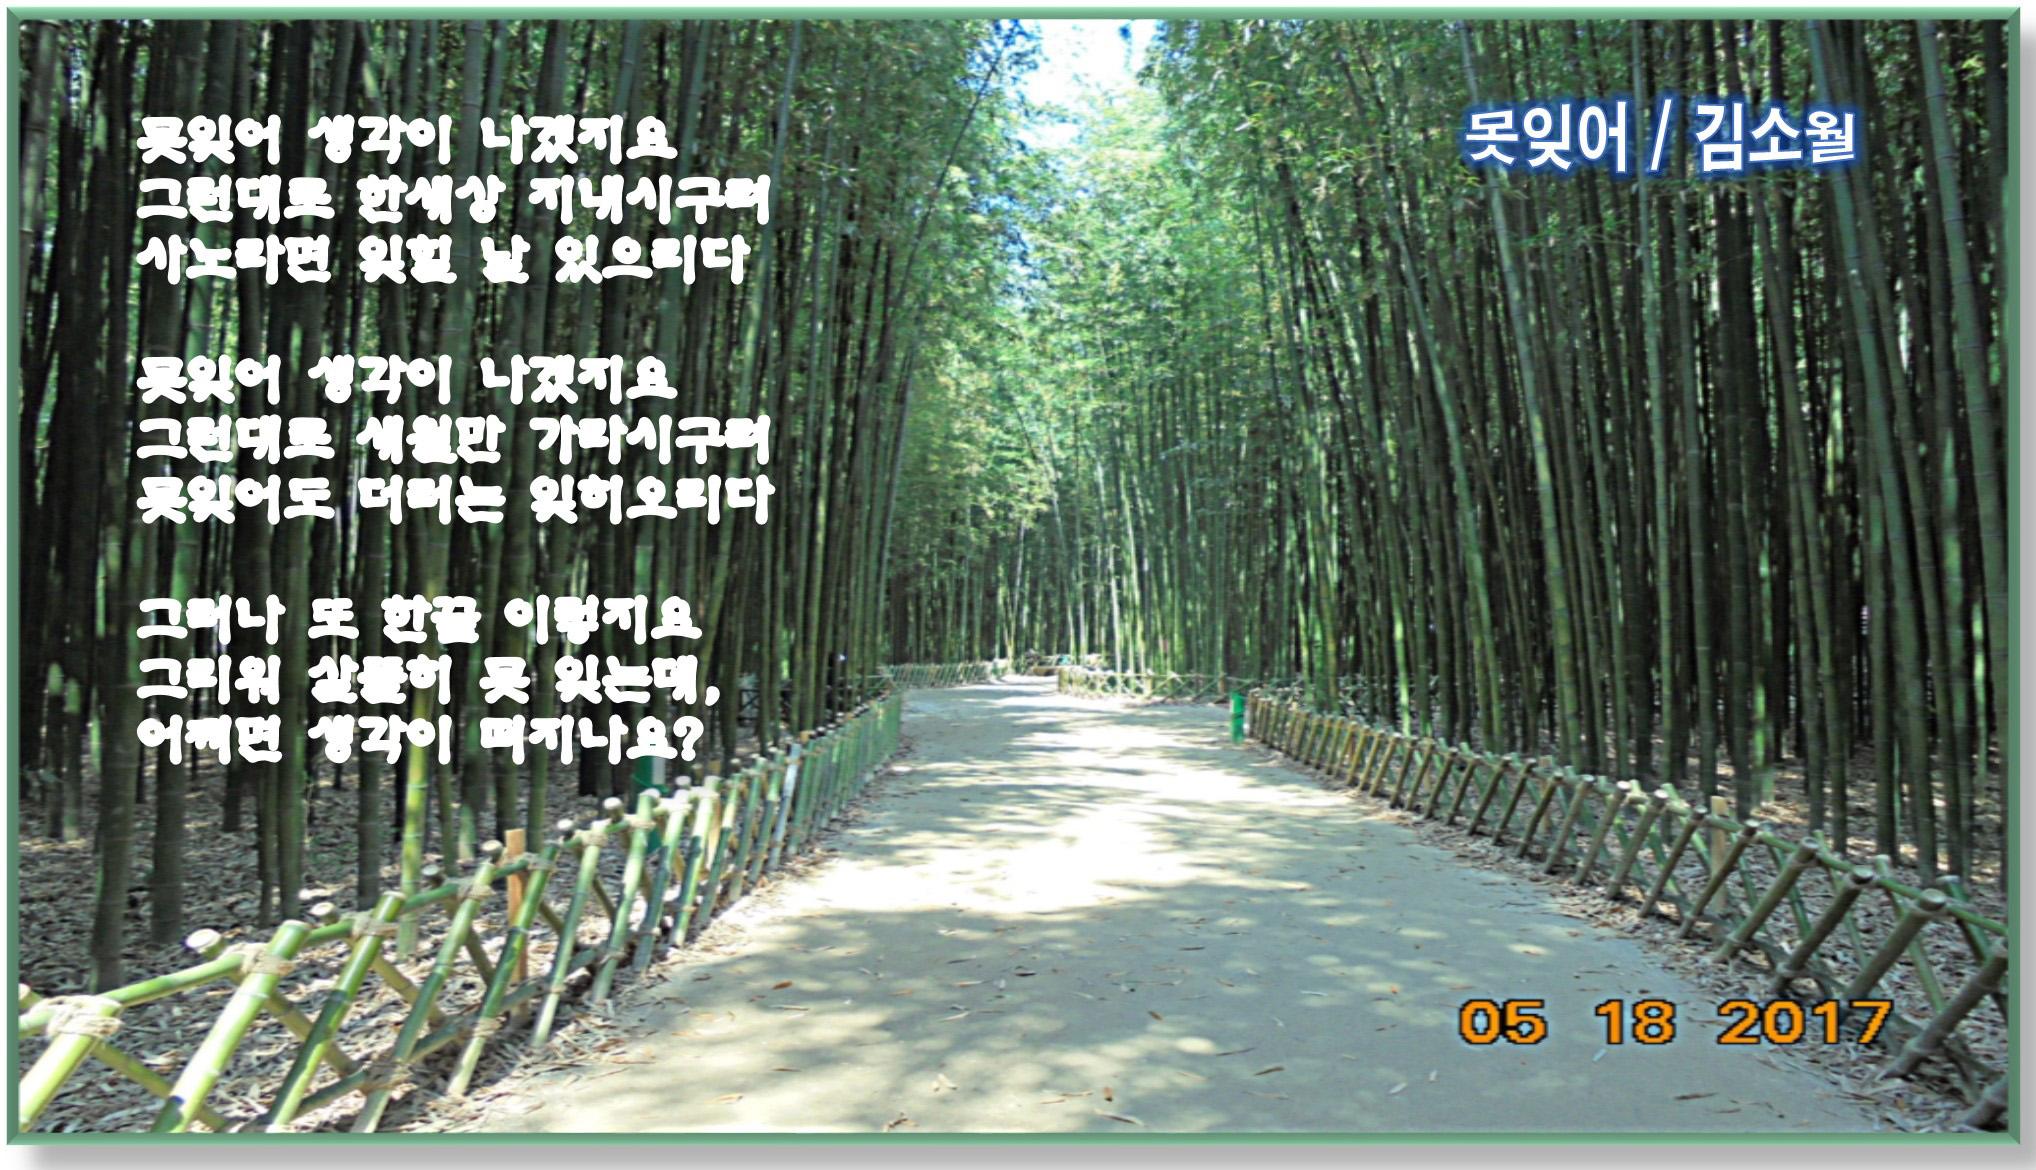 이 글은 파워포인트에서 만든 이미지입니다. 김소월 / 김소월